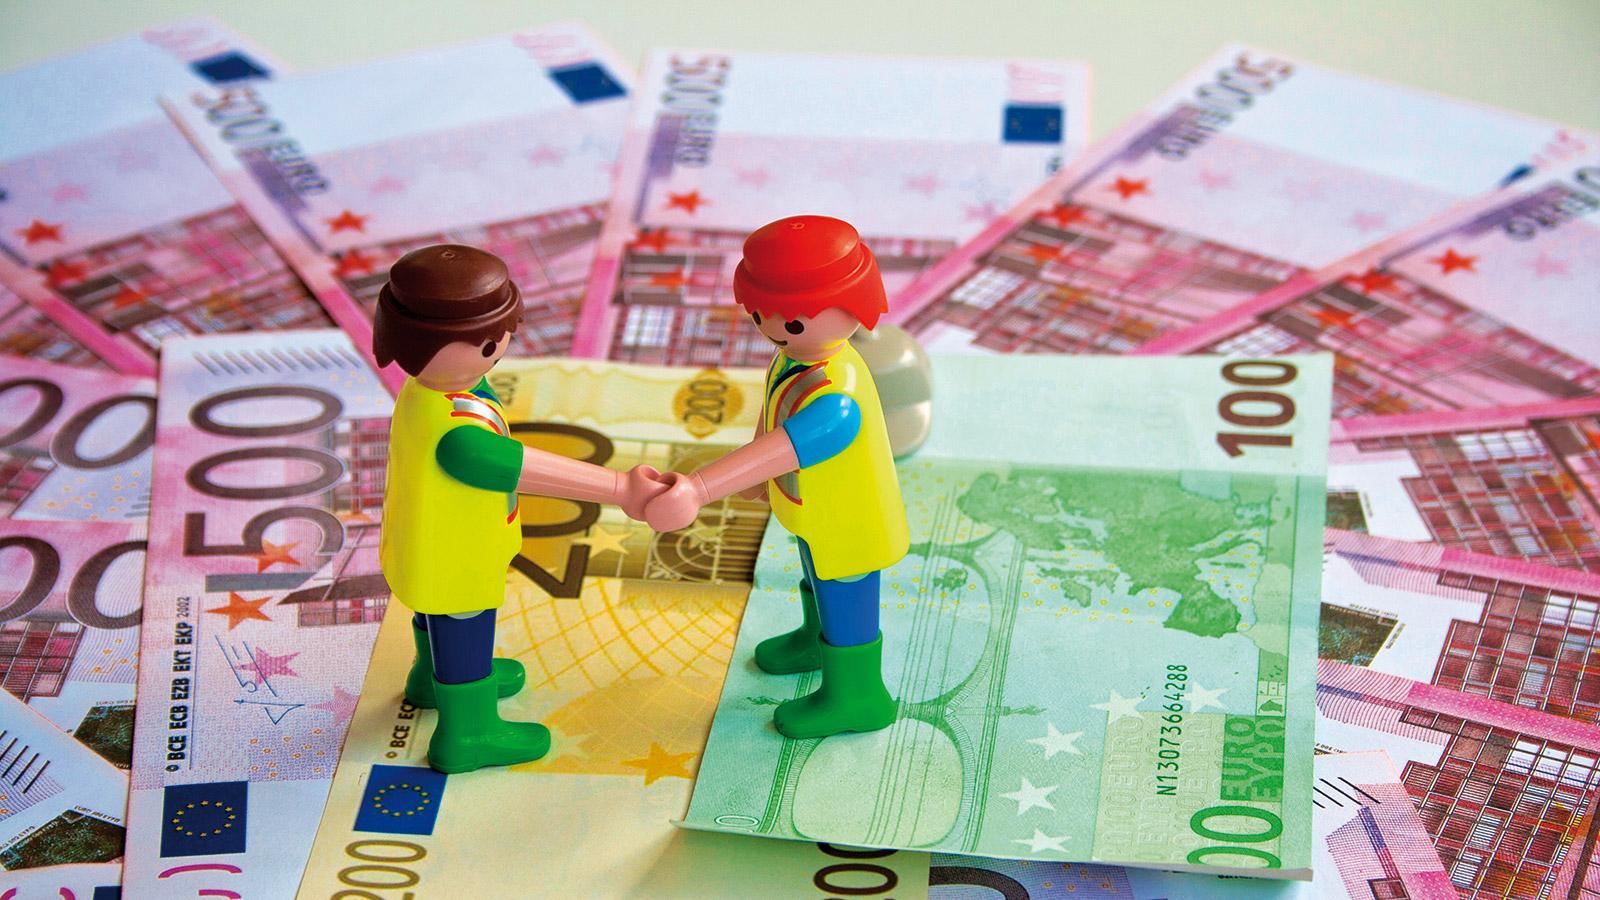 emploi-argent-istock_74607765_l